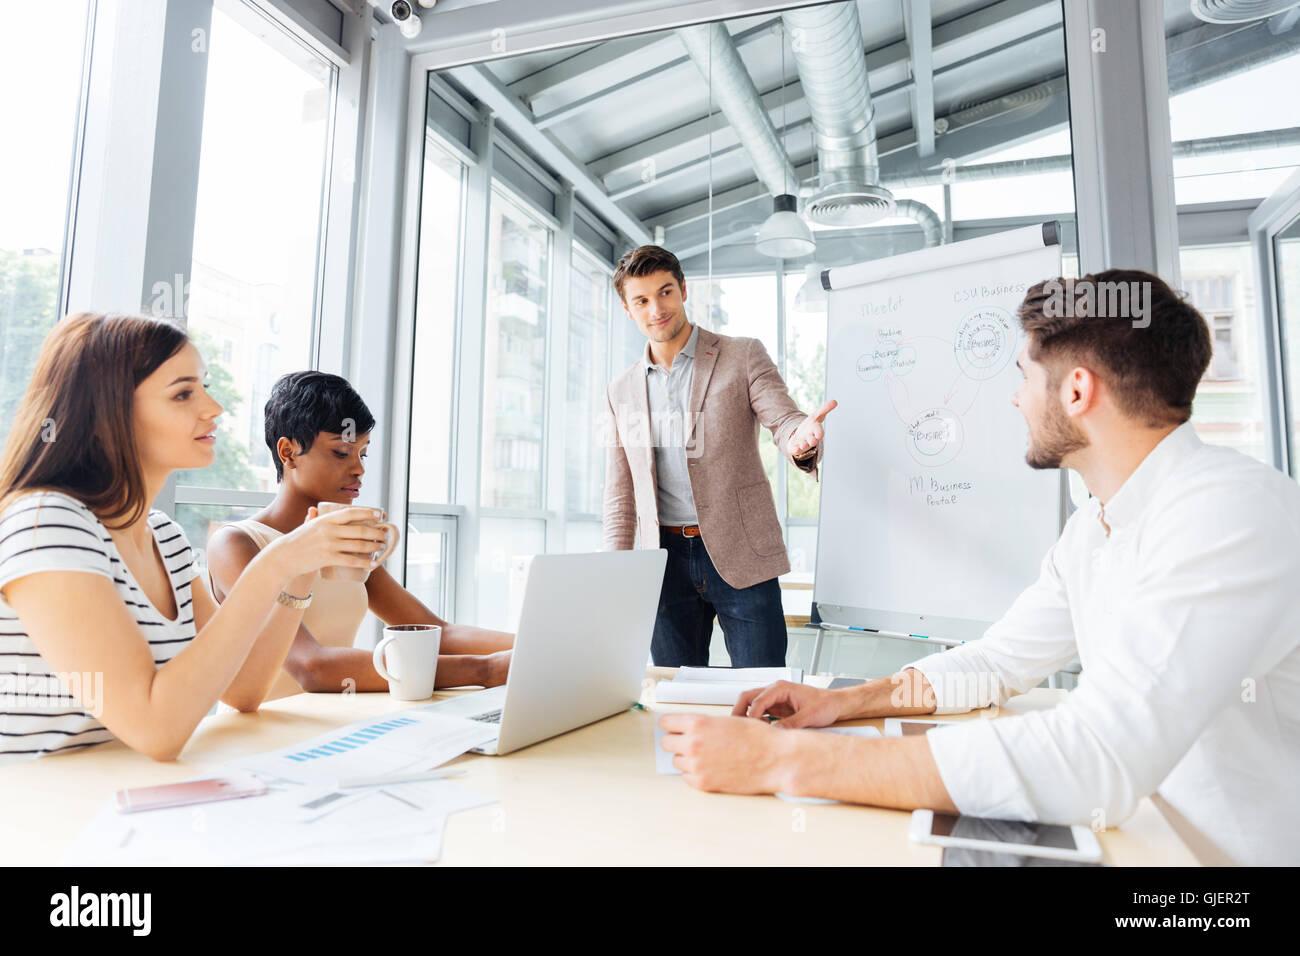 Jeunes de présentation de plan d'affaires à l'aide d'un tableau-in office Photo Stock